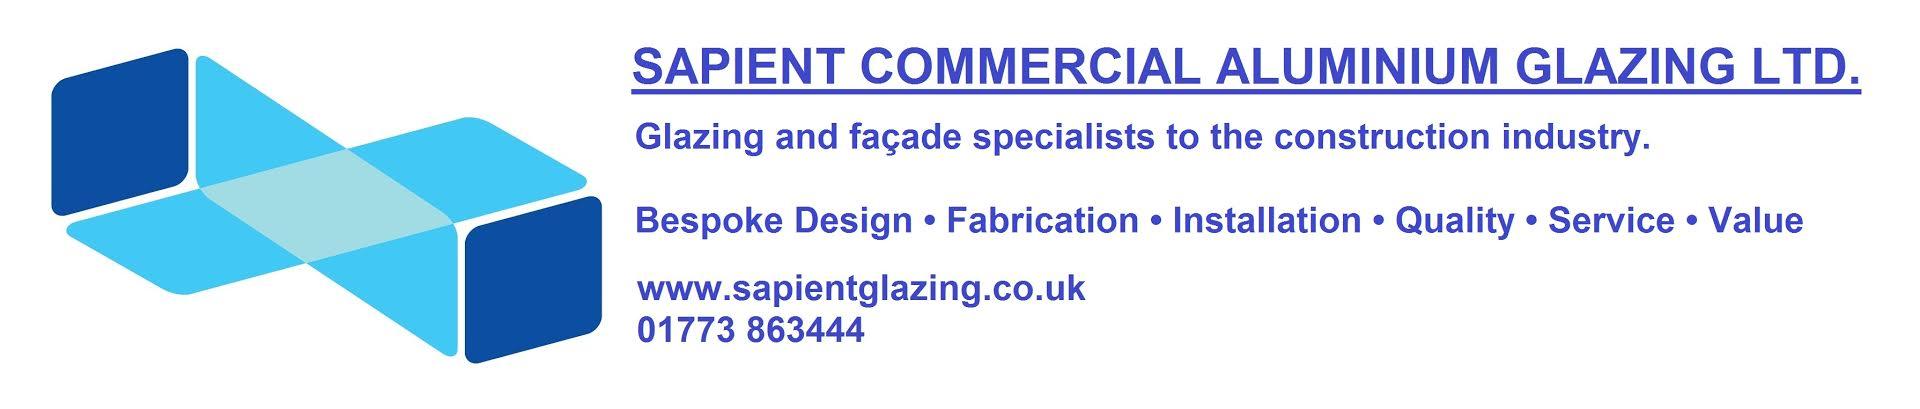 Sapient Commercial Glazing Ltd